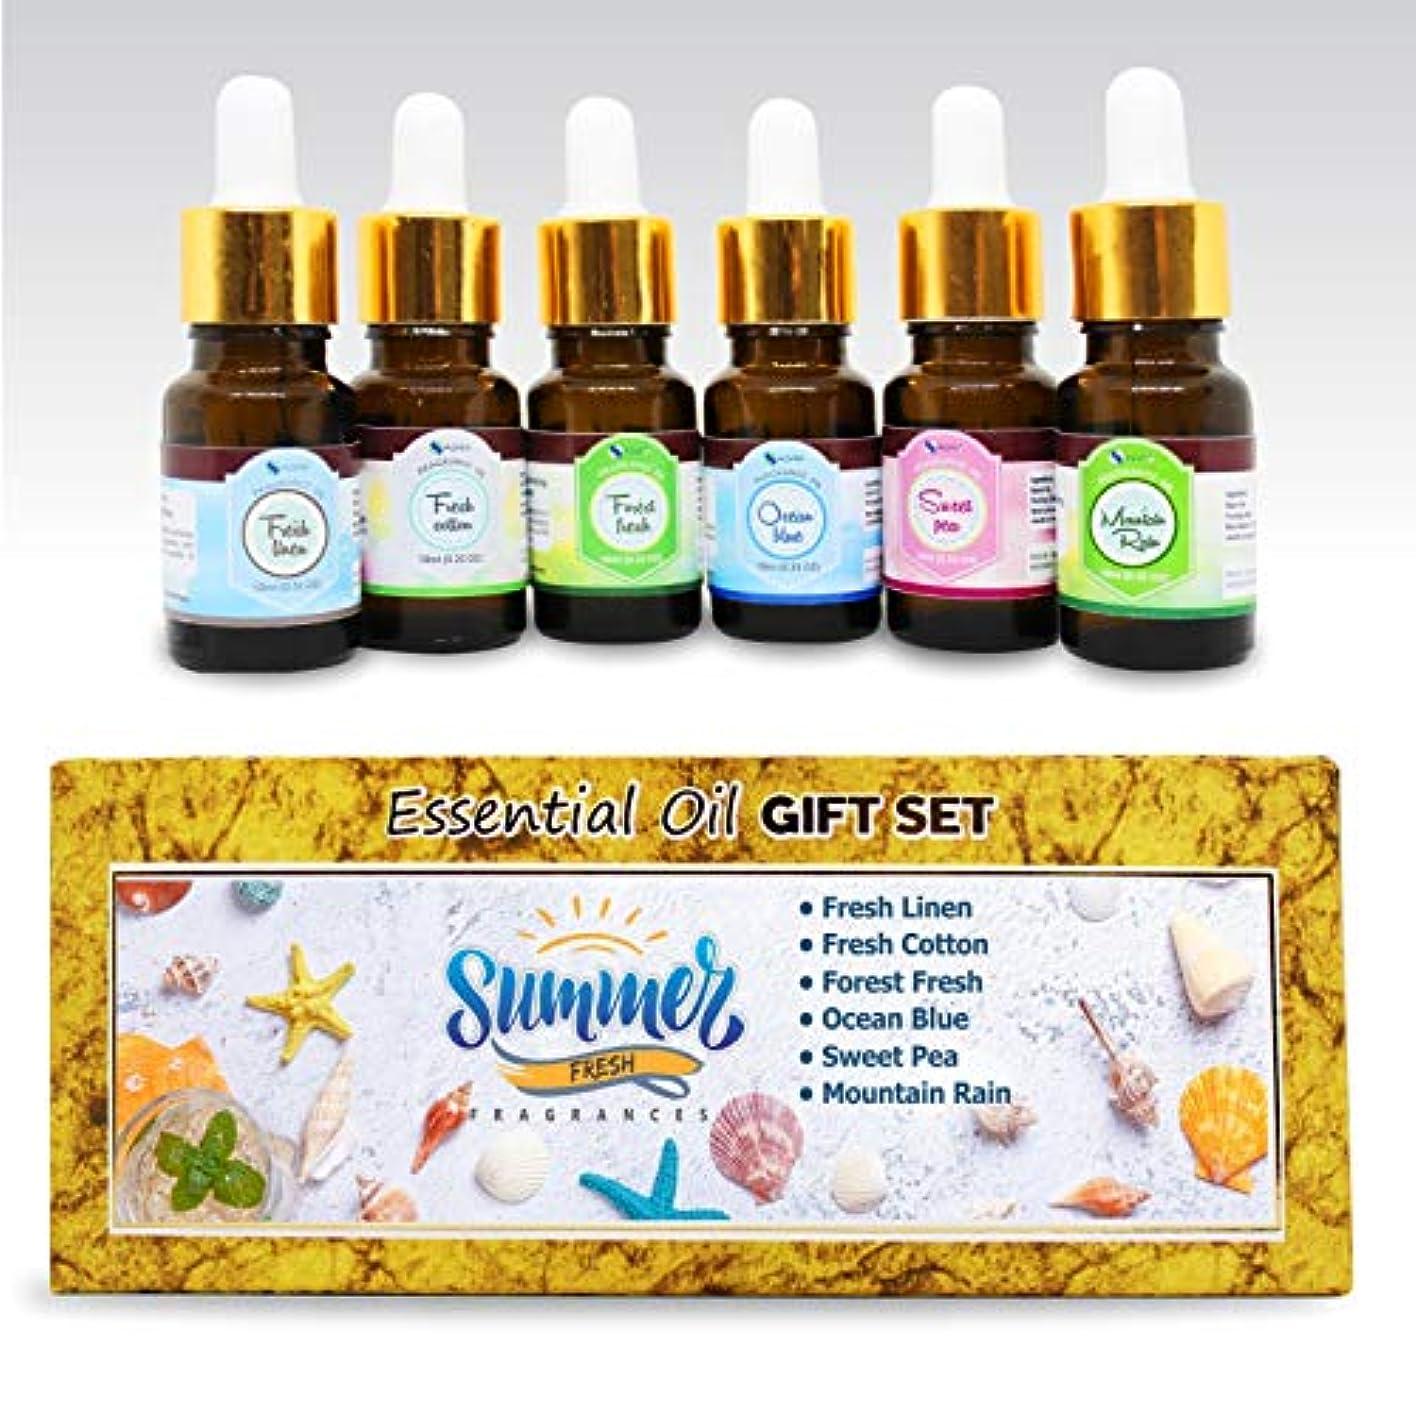 ジャンル刈る分泌するAromatherapy Essential Oils - Pack of 6 100% Pure & Natural Therapeutic Oils - 10 ML each (Fresh Linen, Fresh...